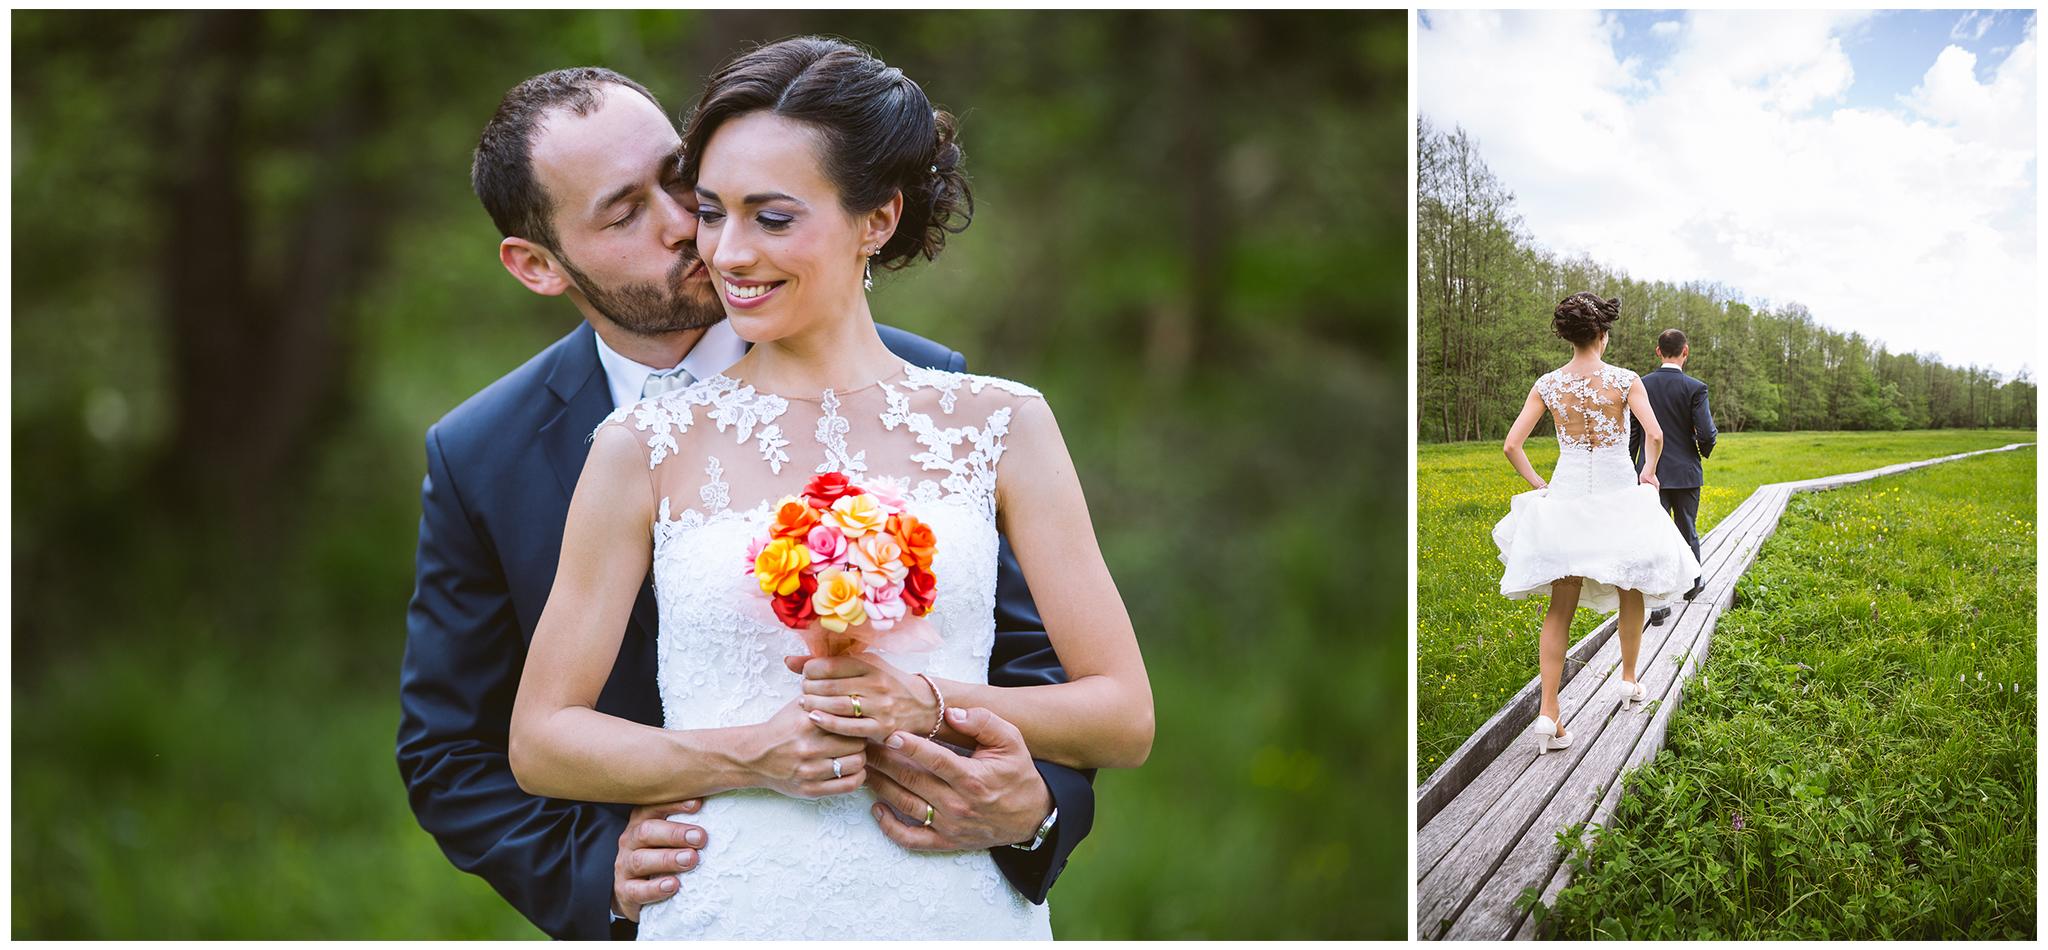 FylepPhoto, esküvőfotós, esküvői fotós Körmend, Szombathely, esküvőfotózás, magyarország, vas megye, prémium, jegyesfotózás, Fülöp Péter, körmend, kreatív, fotográfus_001.jpg